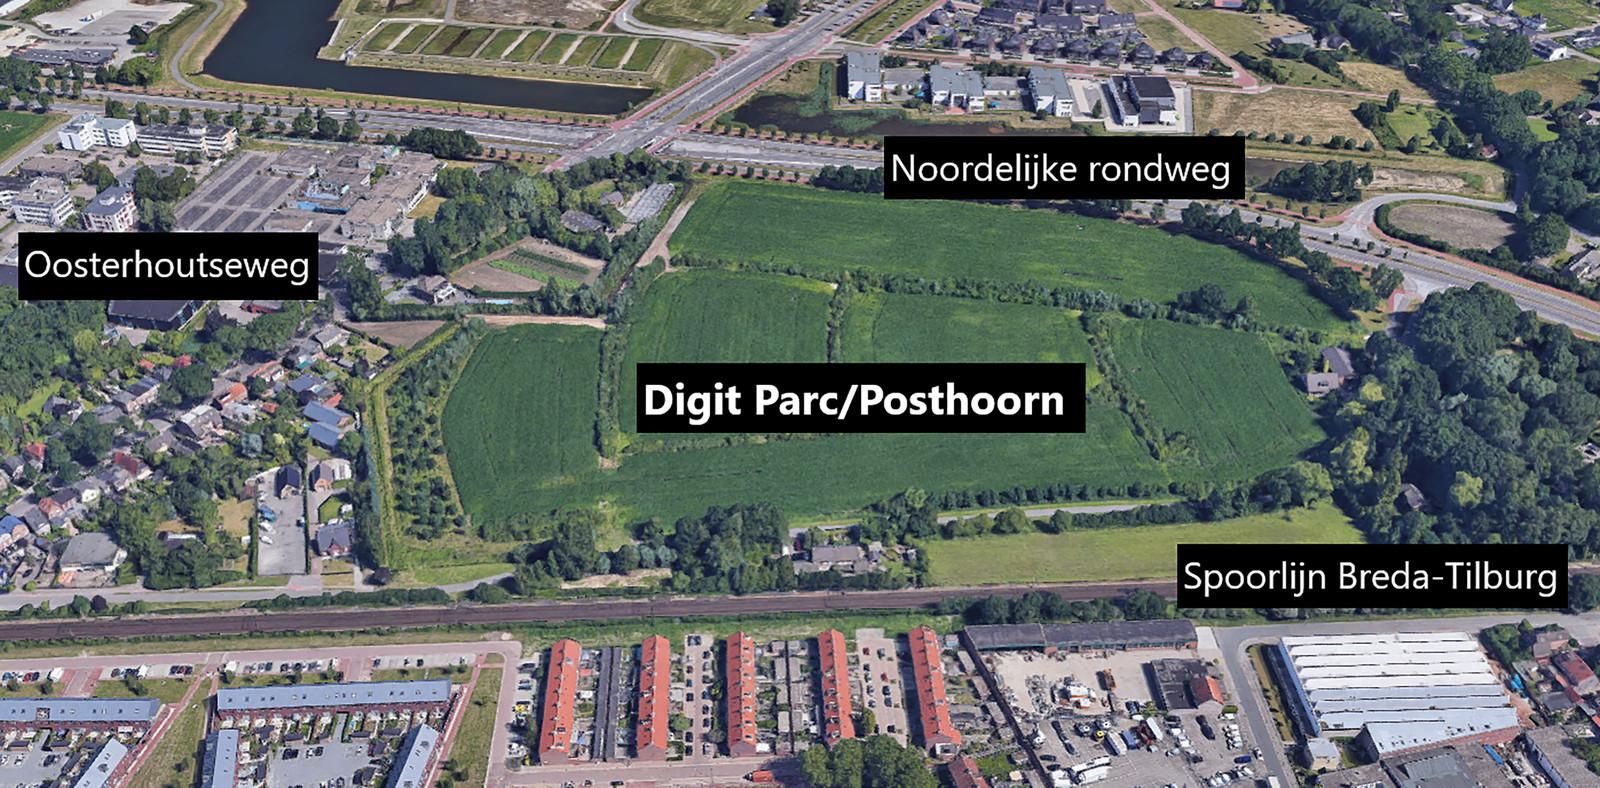 Het gebied de Posthoorn in Breda bij de Oosterhoutseweg. Eerder was dit terrein in beeld als hi-tech bedrijvenpark Digit Parc. Later kreeg het de status als gewoon bedrijventerrein.